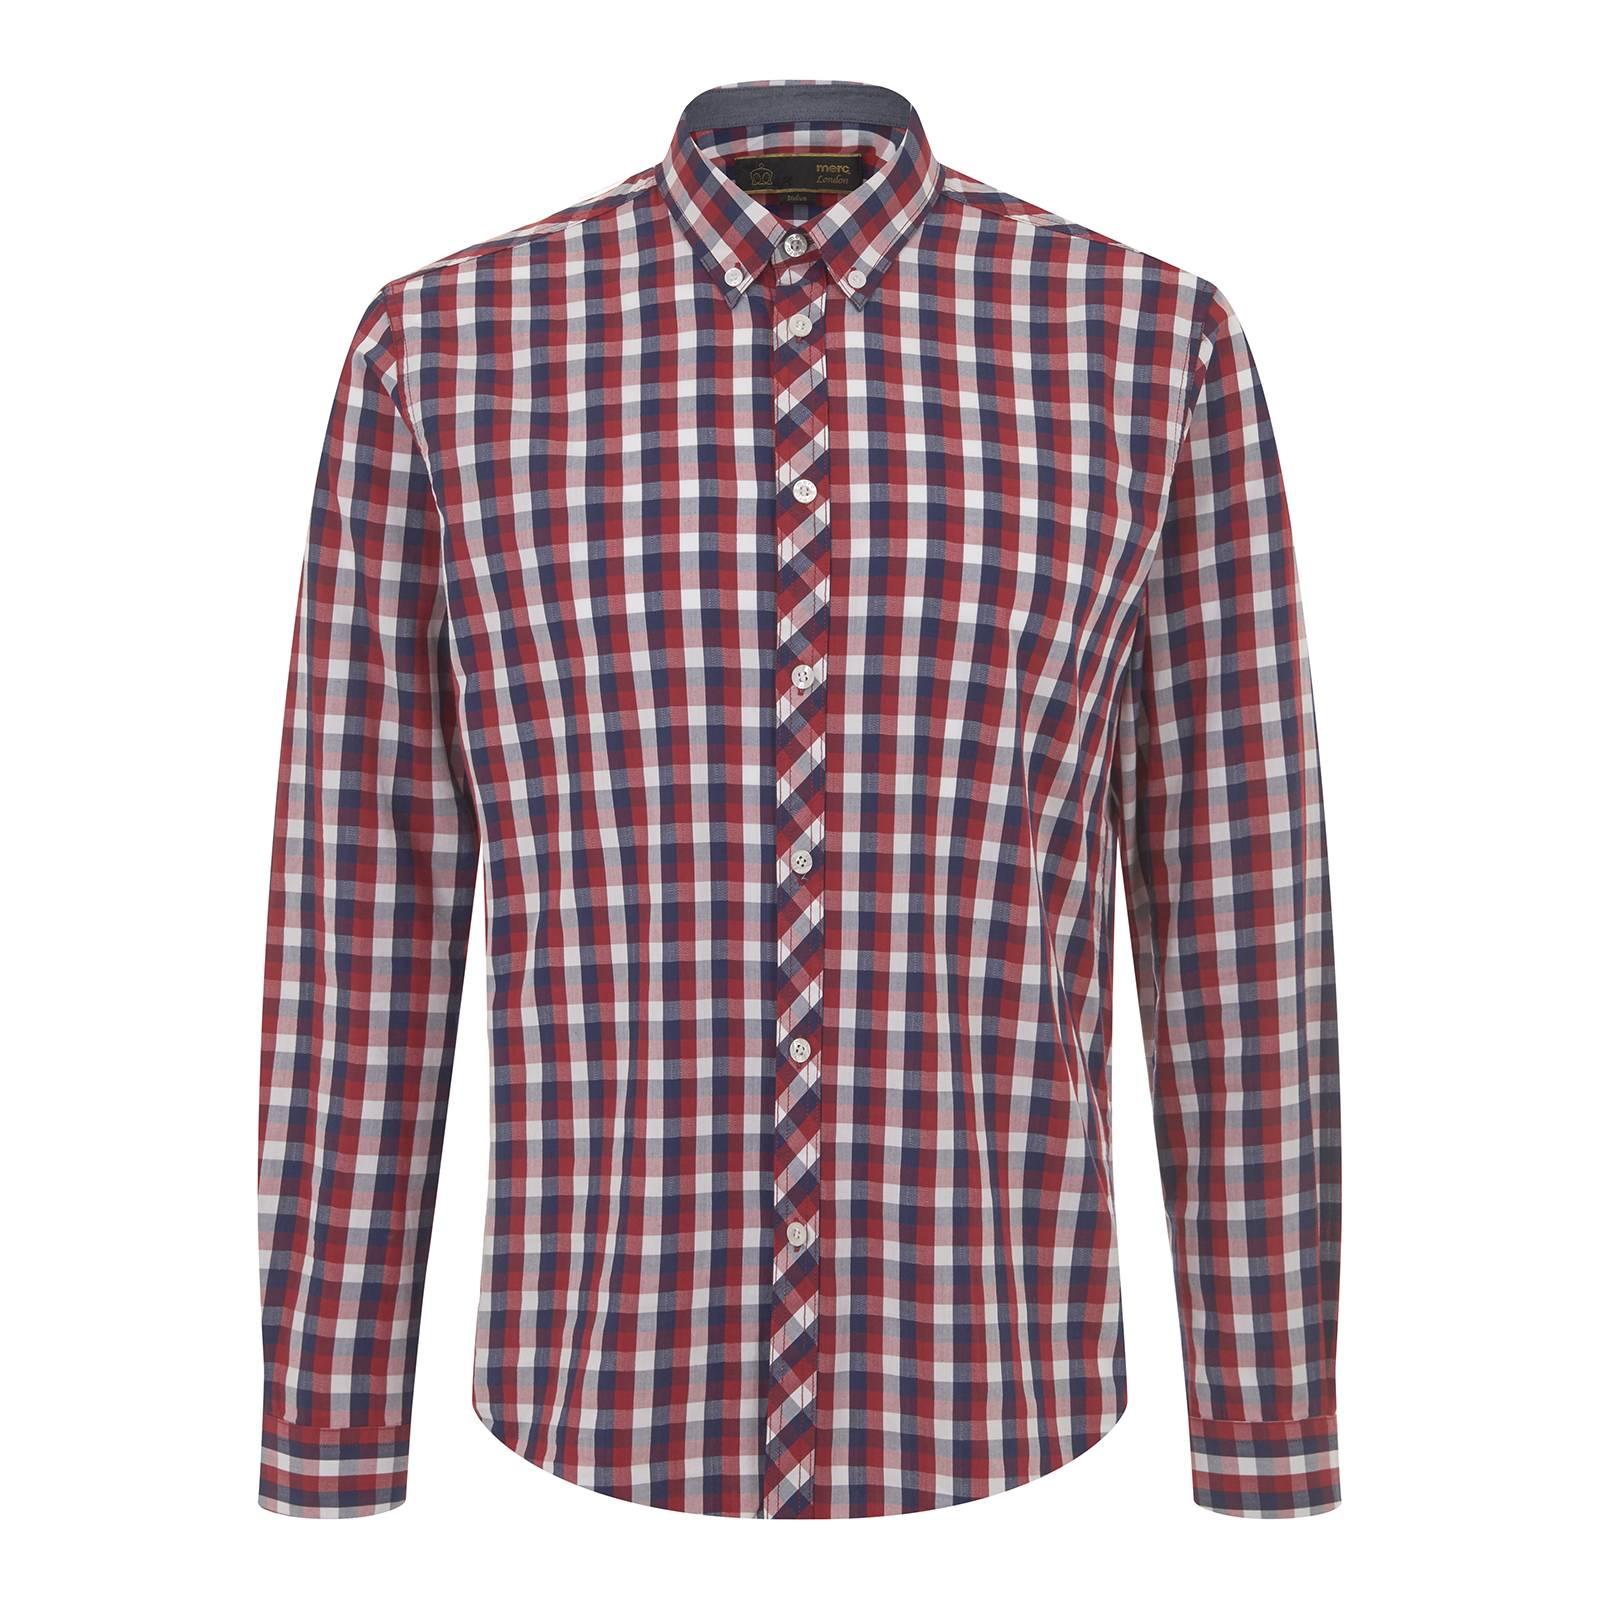 Рубашка ArtistaРубашки<br><br><br>Артикул: 1516111<br>Материал: 100% хлопок<br>Цвет: красно-сине-белая клетка<br>Пол: Мужской